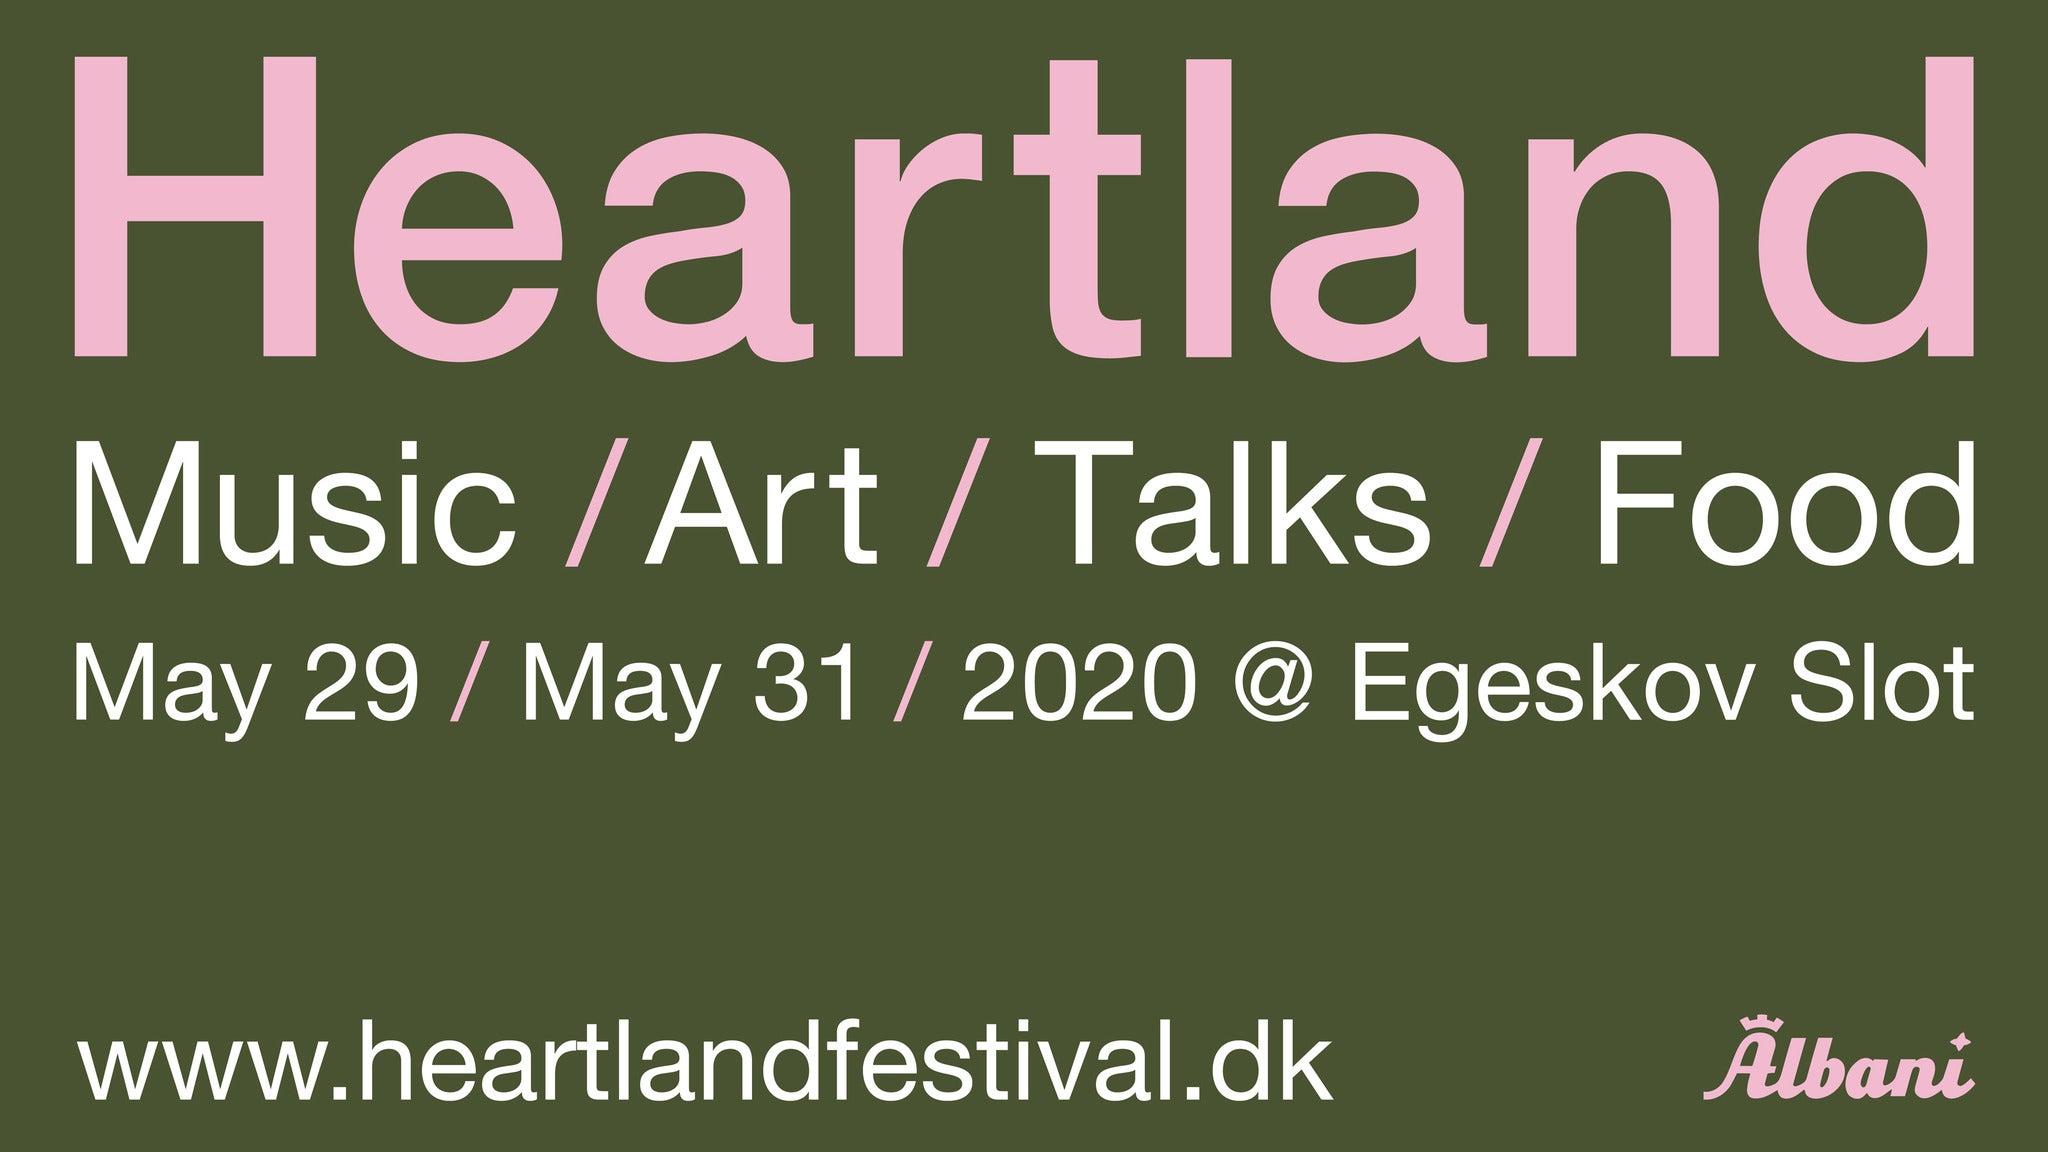 HEARTLAND FESTIVAL 2020 - SØNDAG